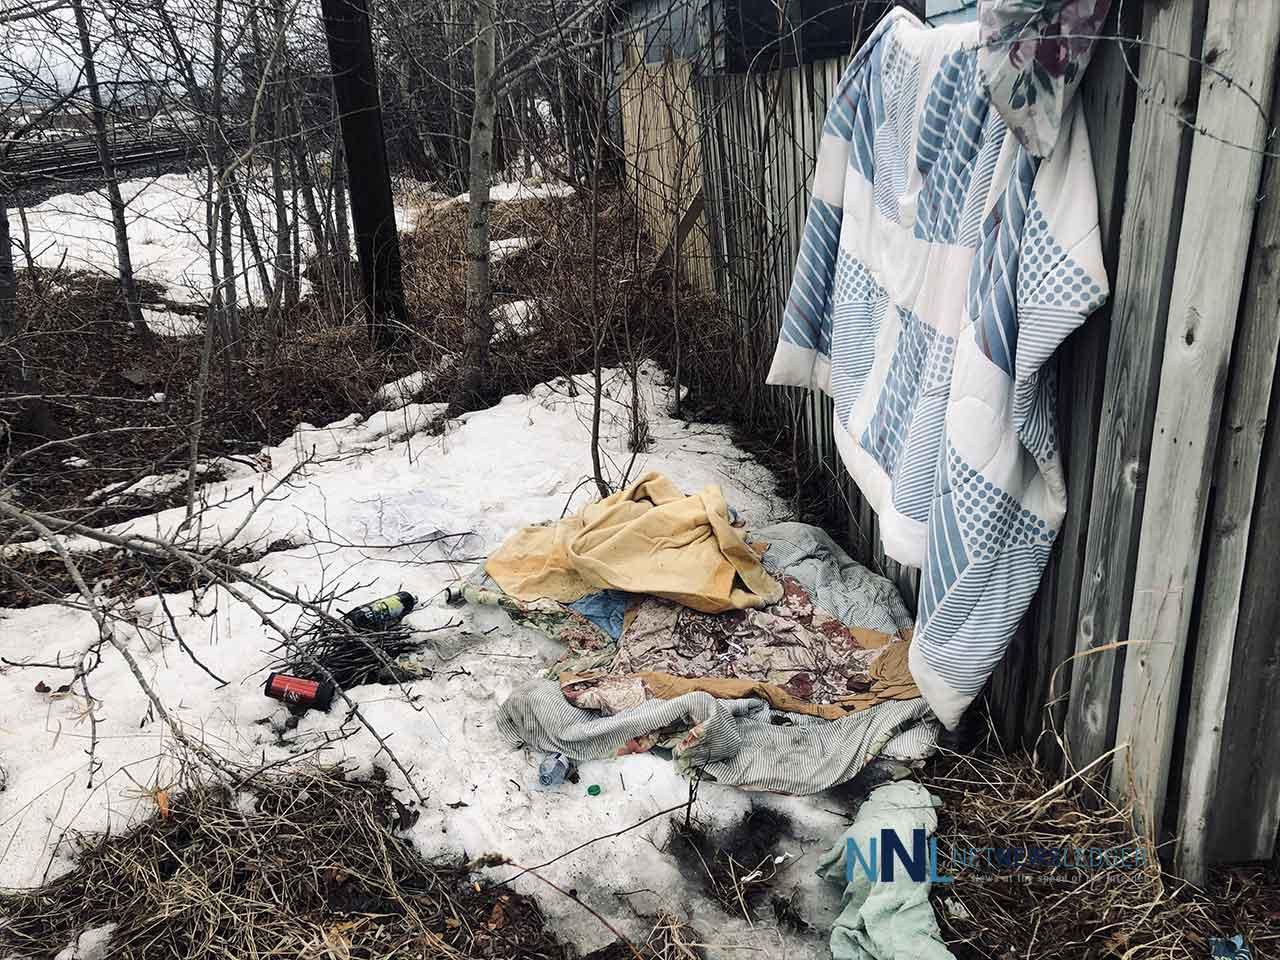 Homelesss in Thunder Bay